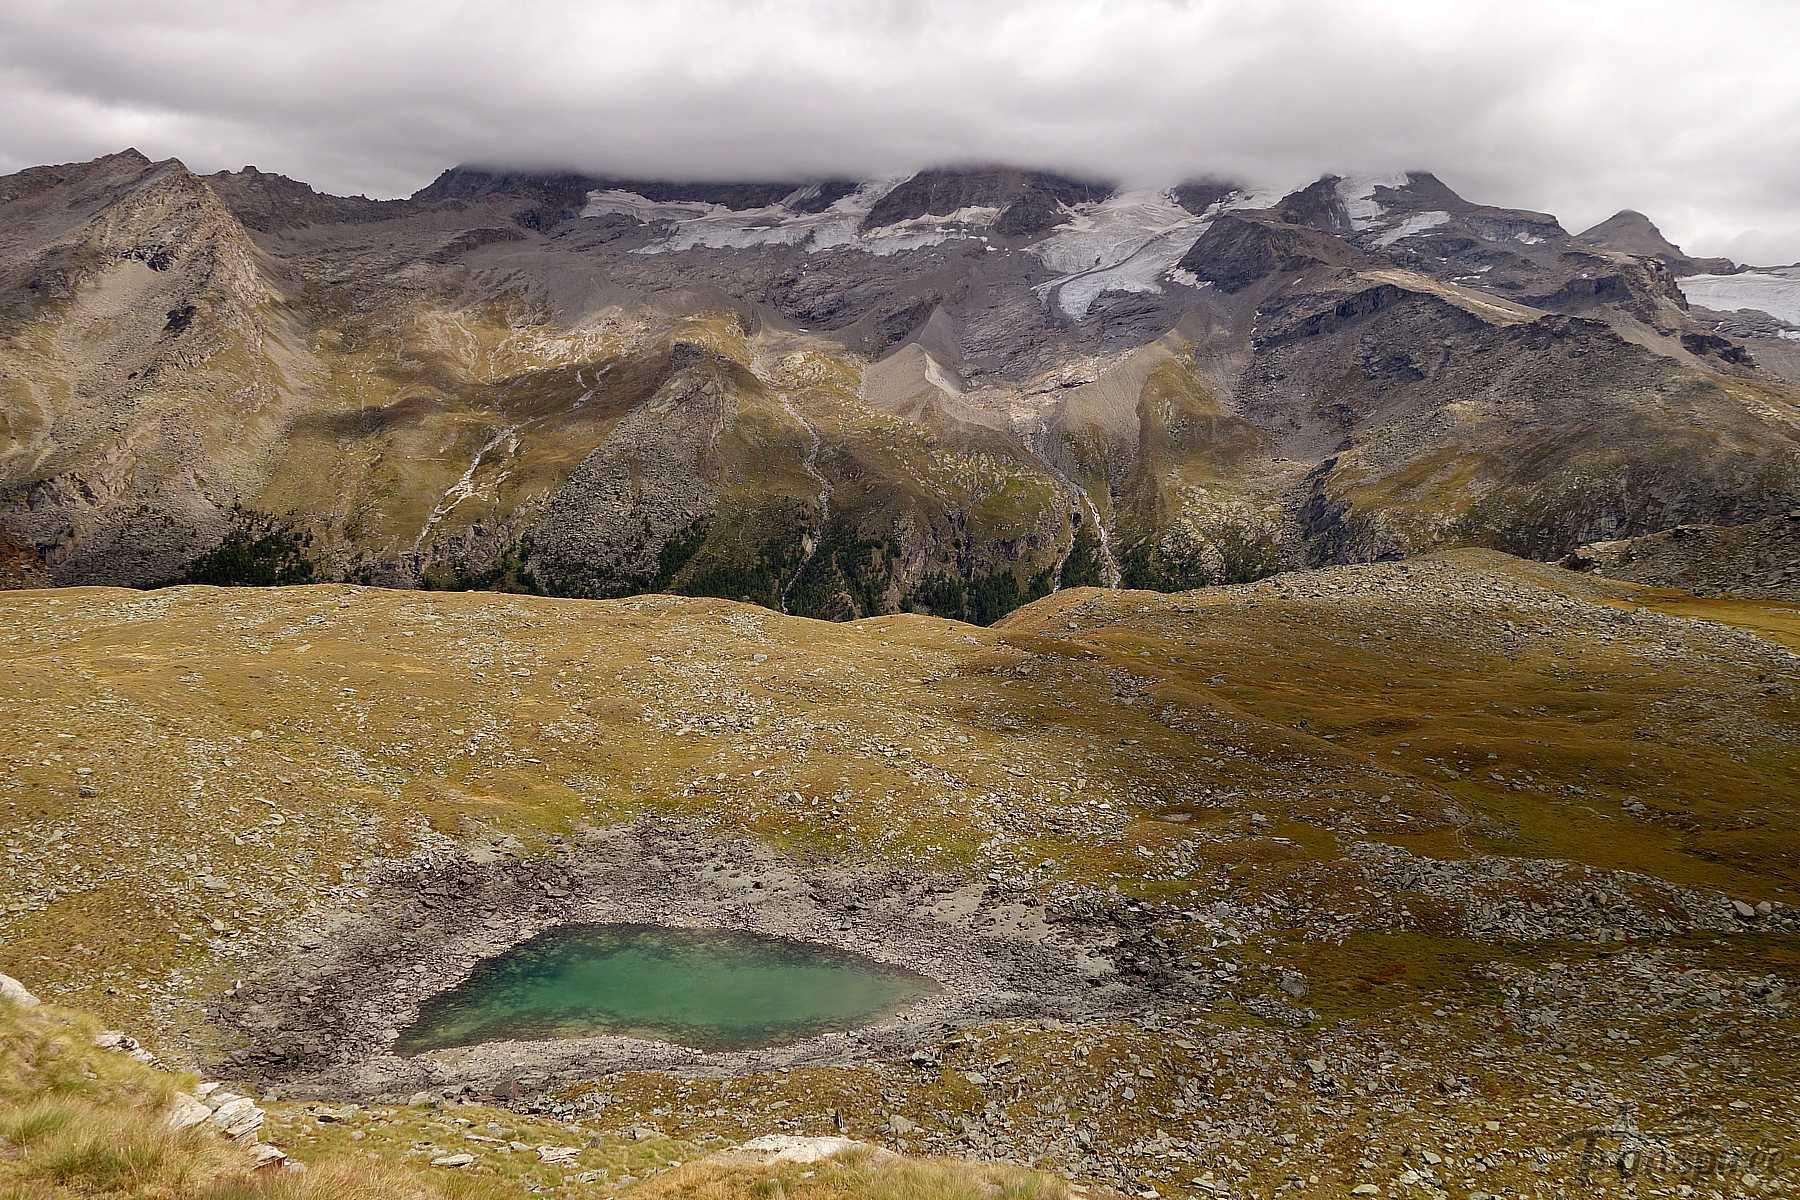 Randonnée Meyes, Plan Borgnoz et Croix Roley depuis Breuil